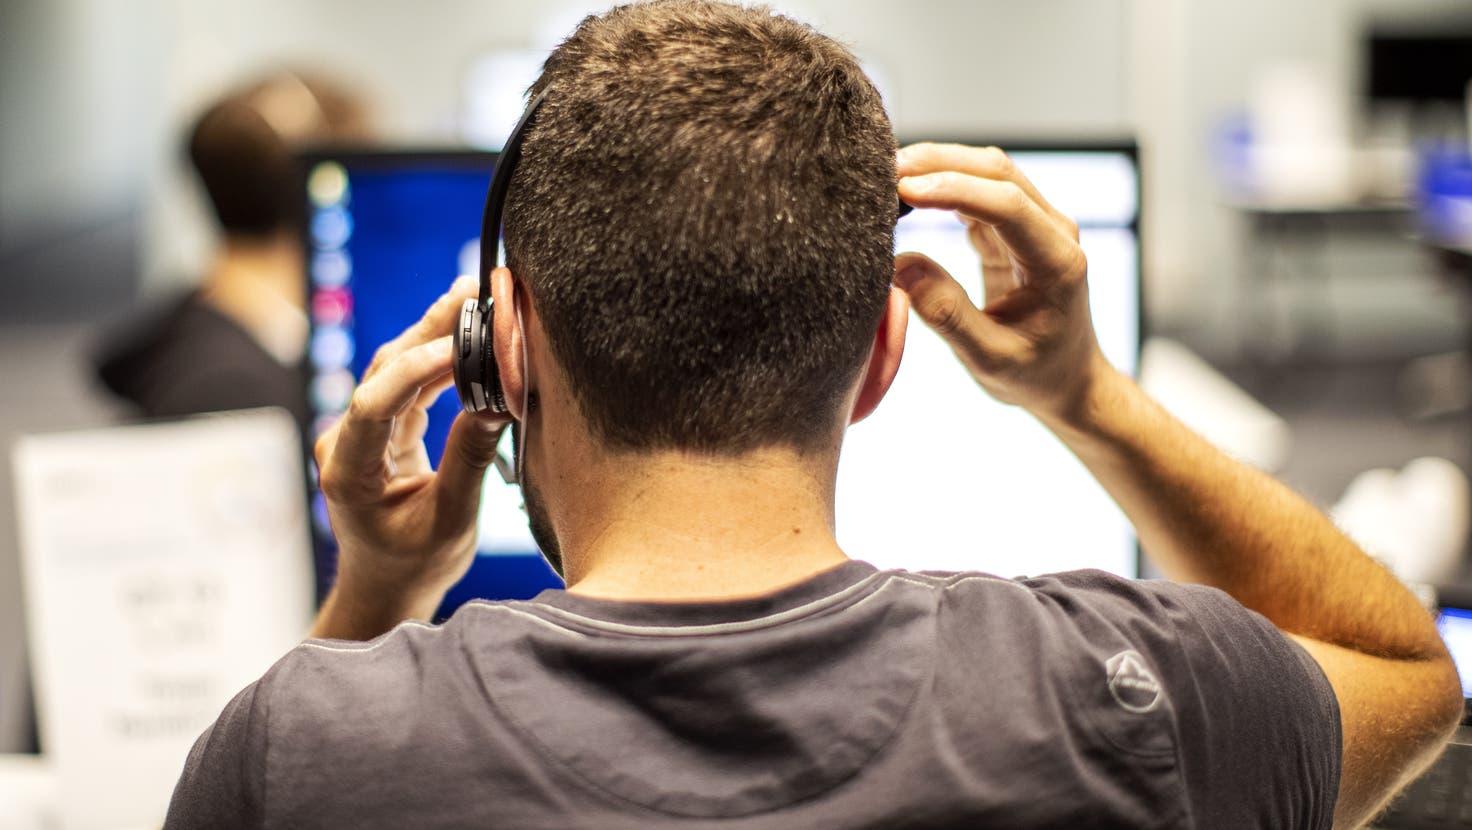 Der Kanton sucht eine externe Firma fürs Contact-Tracing. (Bild: Alexandra Wey)